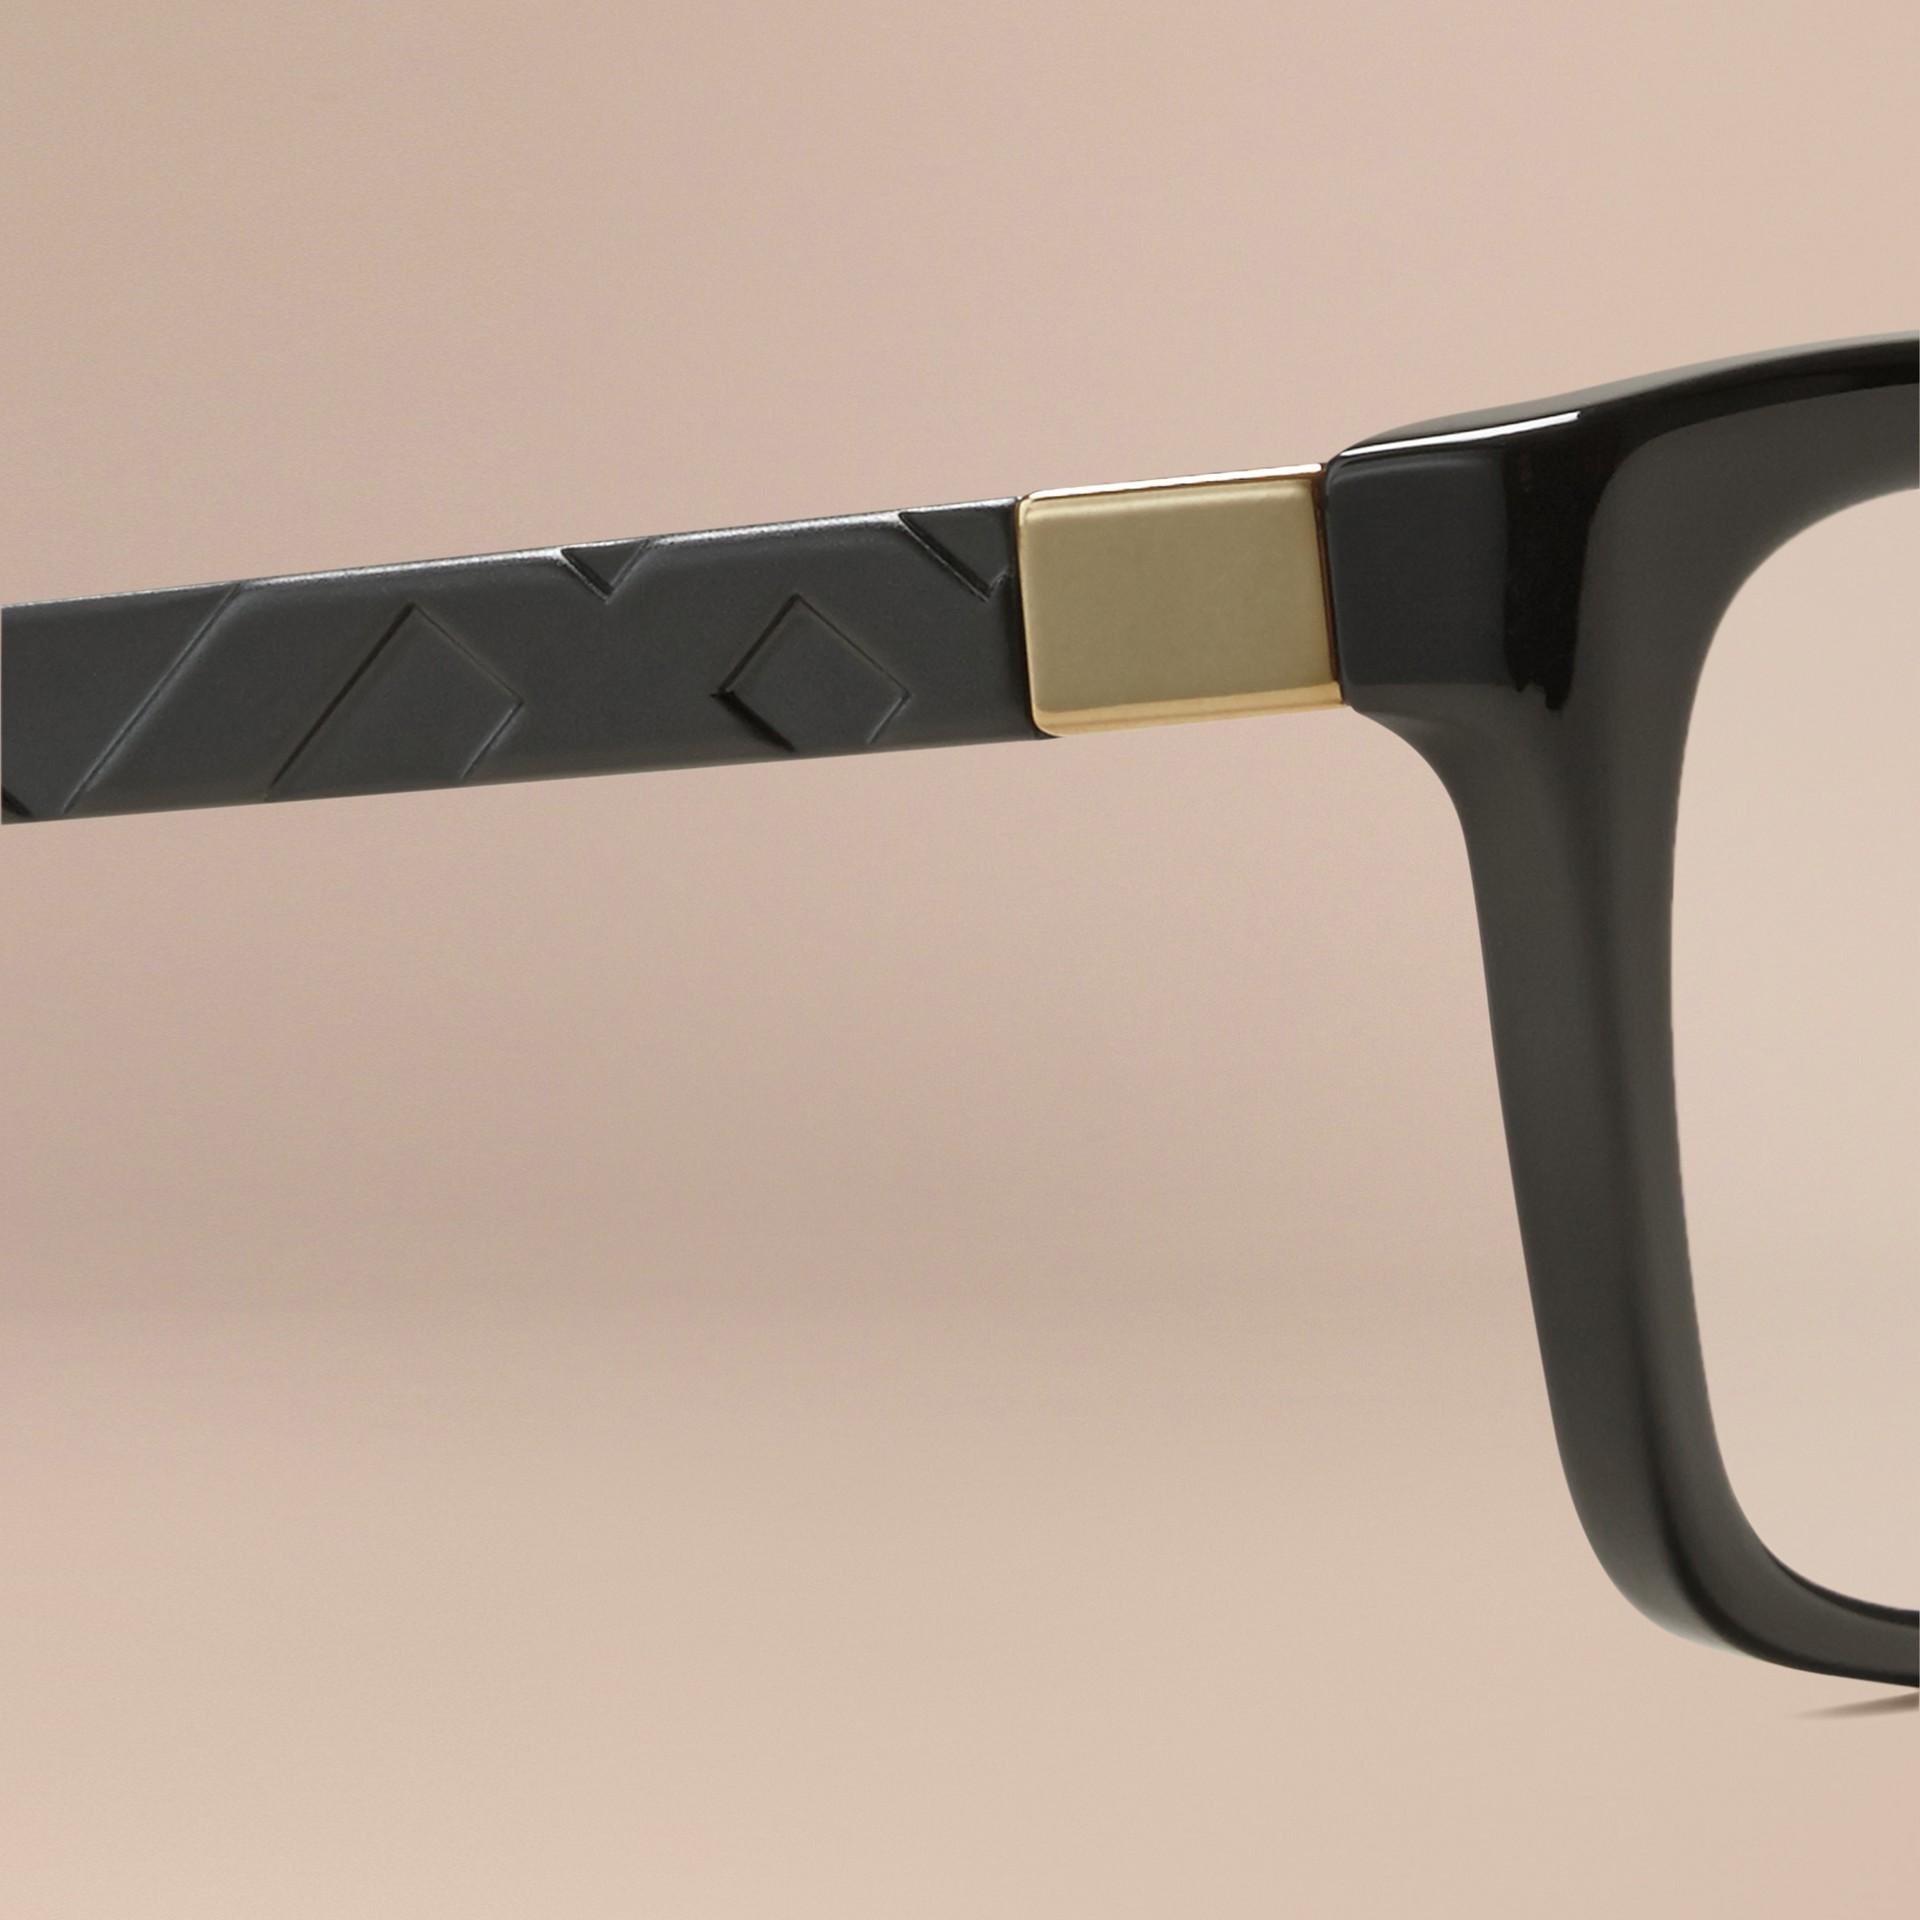 Noir Monture rectangulaire pour lunettes de vue avec détails check Noir - photo de la galerie 2